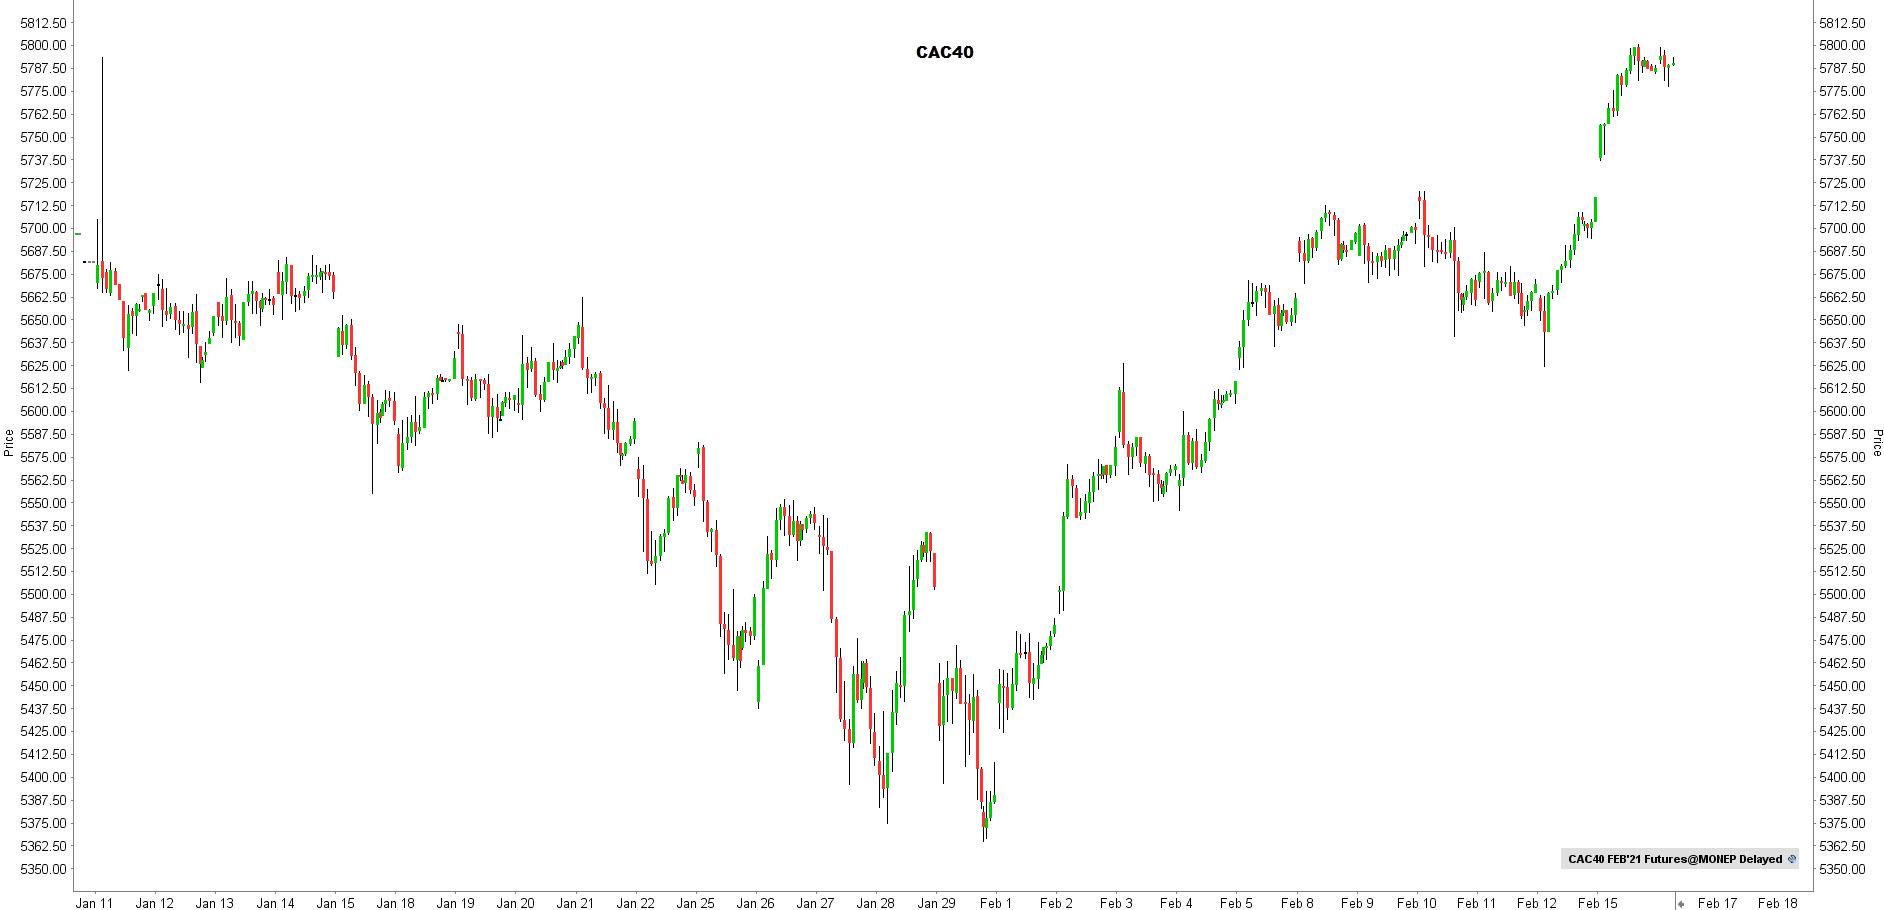 la chronique lynx broker 160221 - graphique CAC40